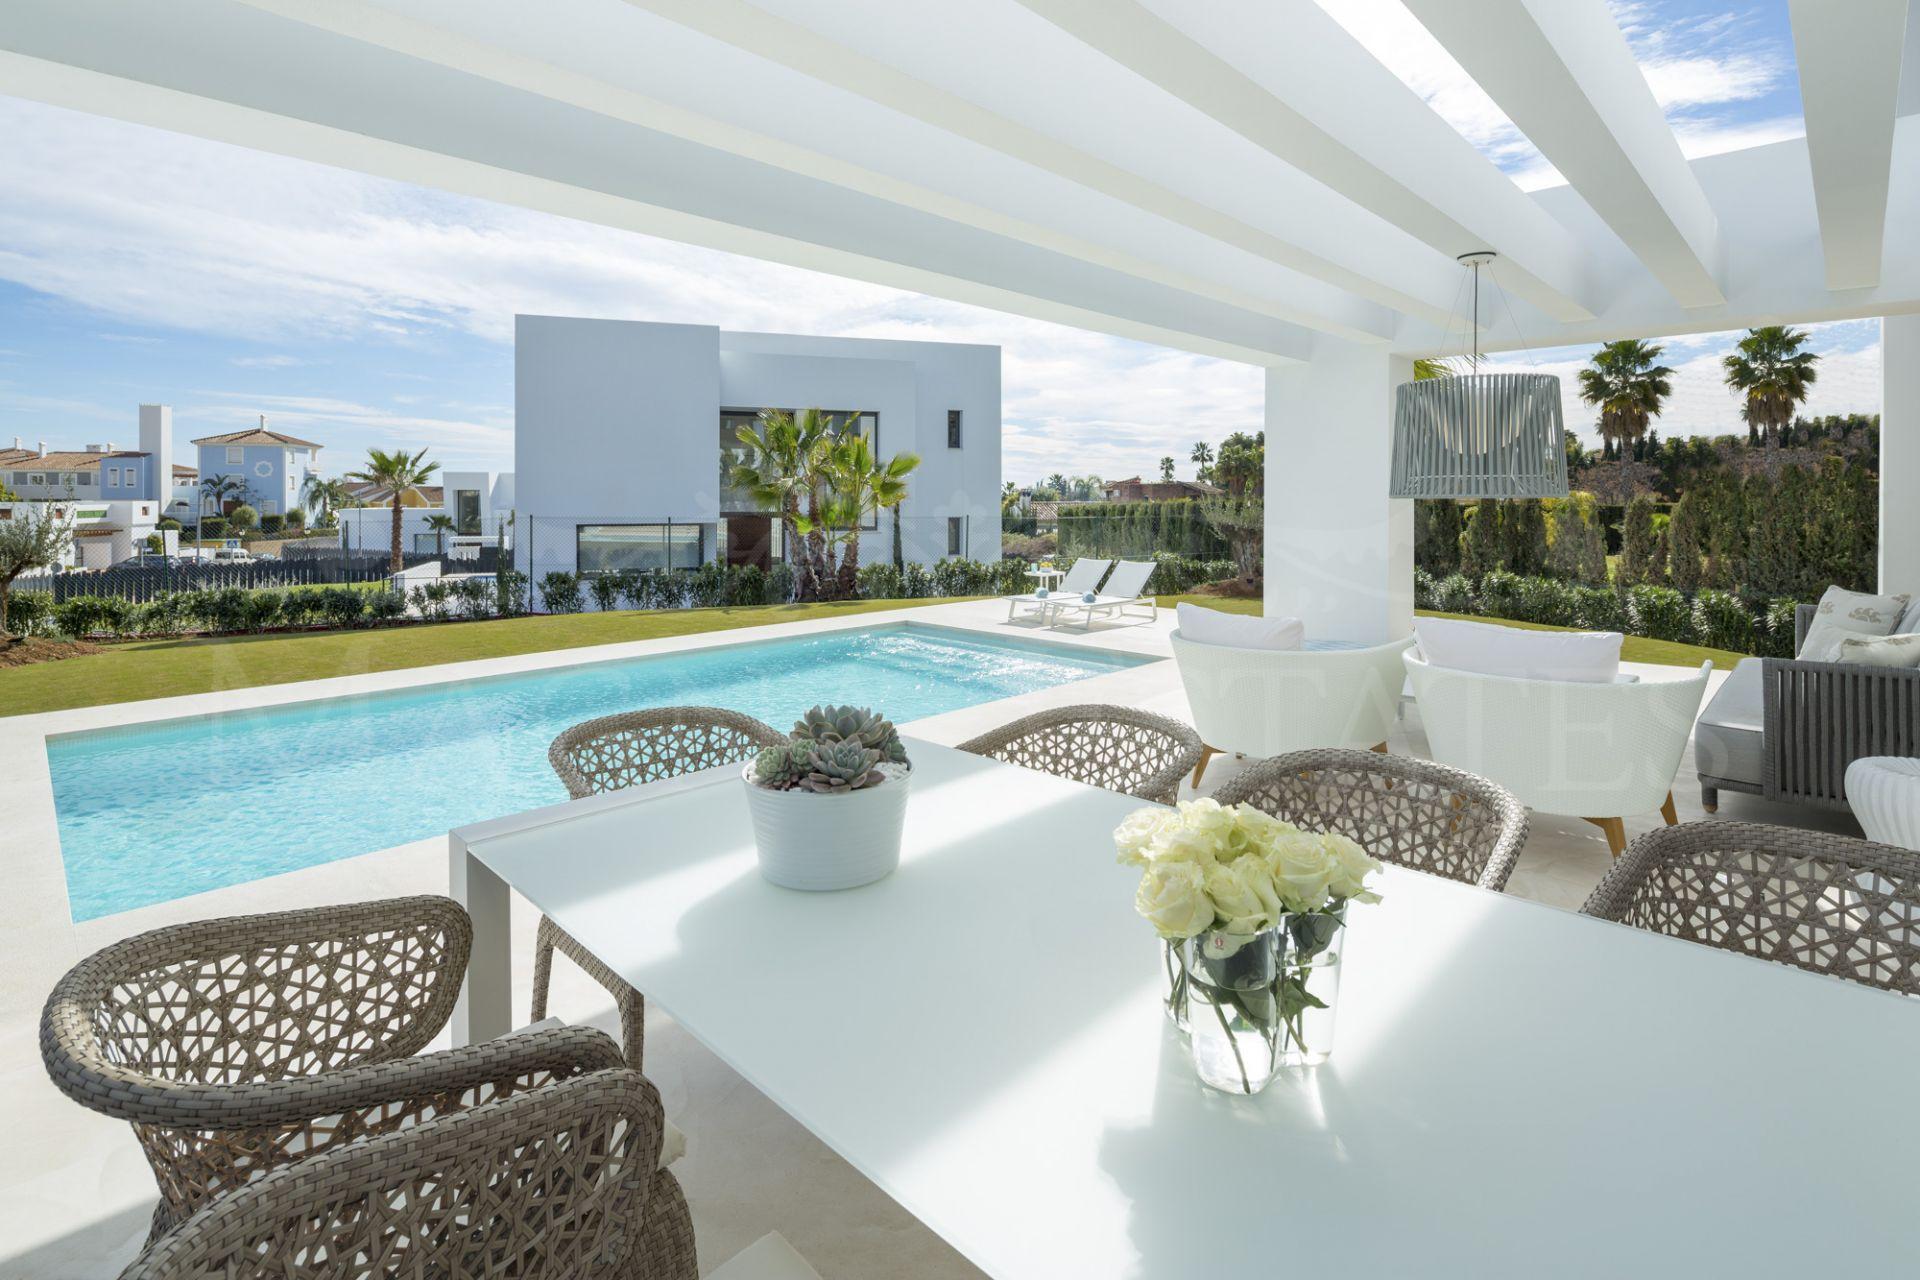 Villas in style at El Campanario, Estepona